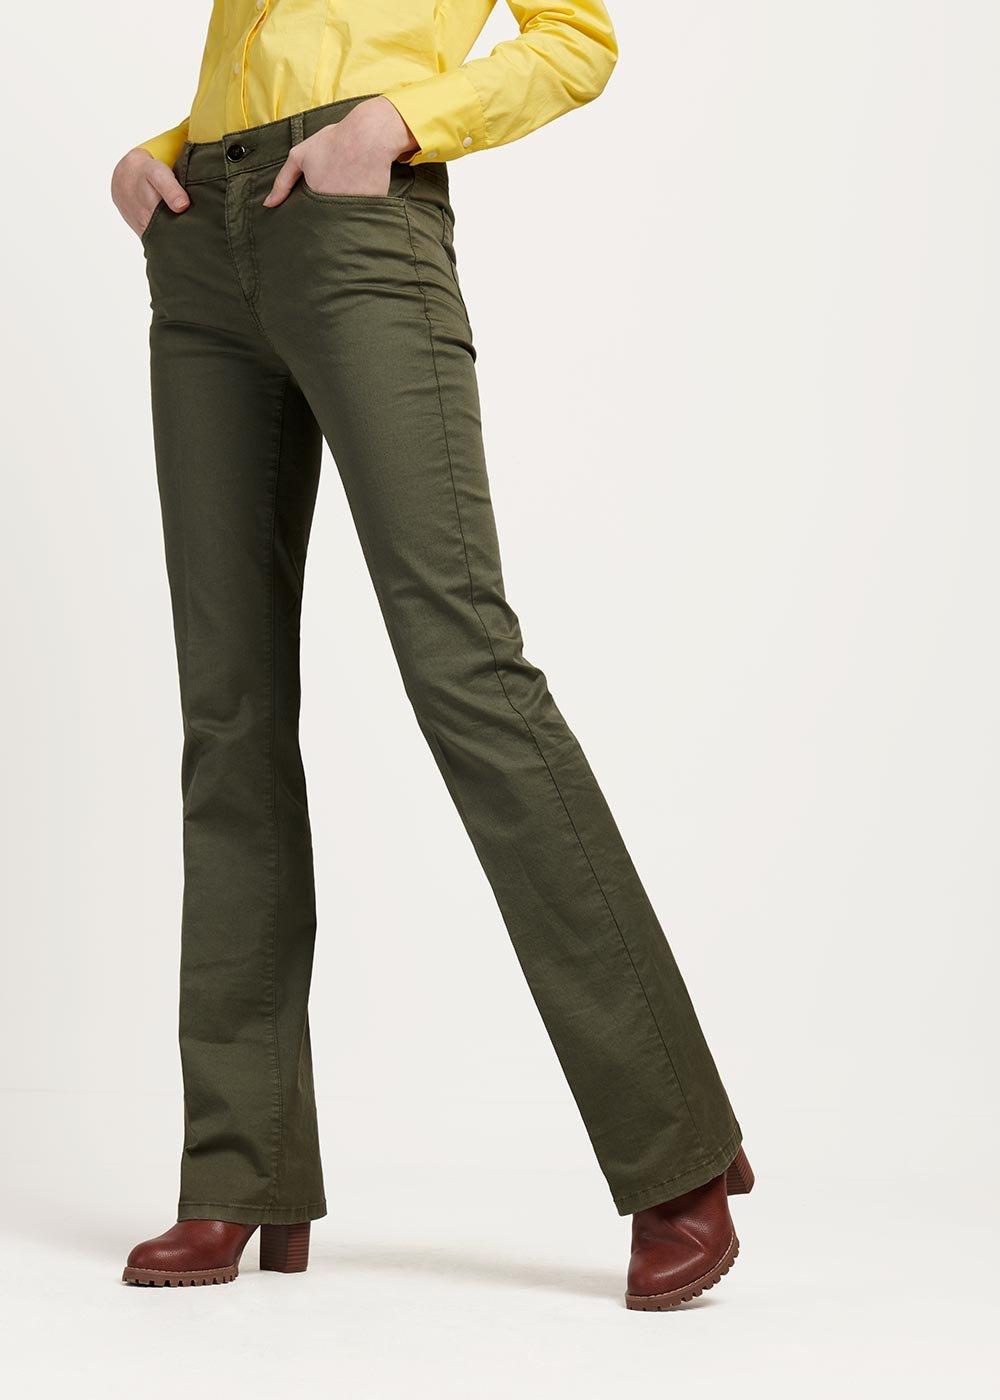 Pantalone modello Cindy colore timo - Timo - Donna